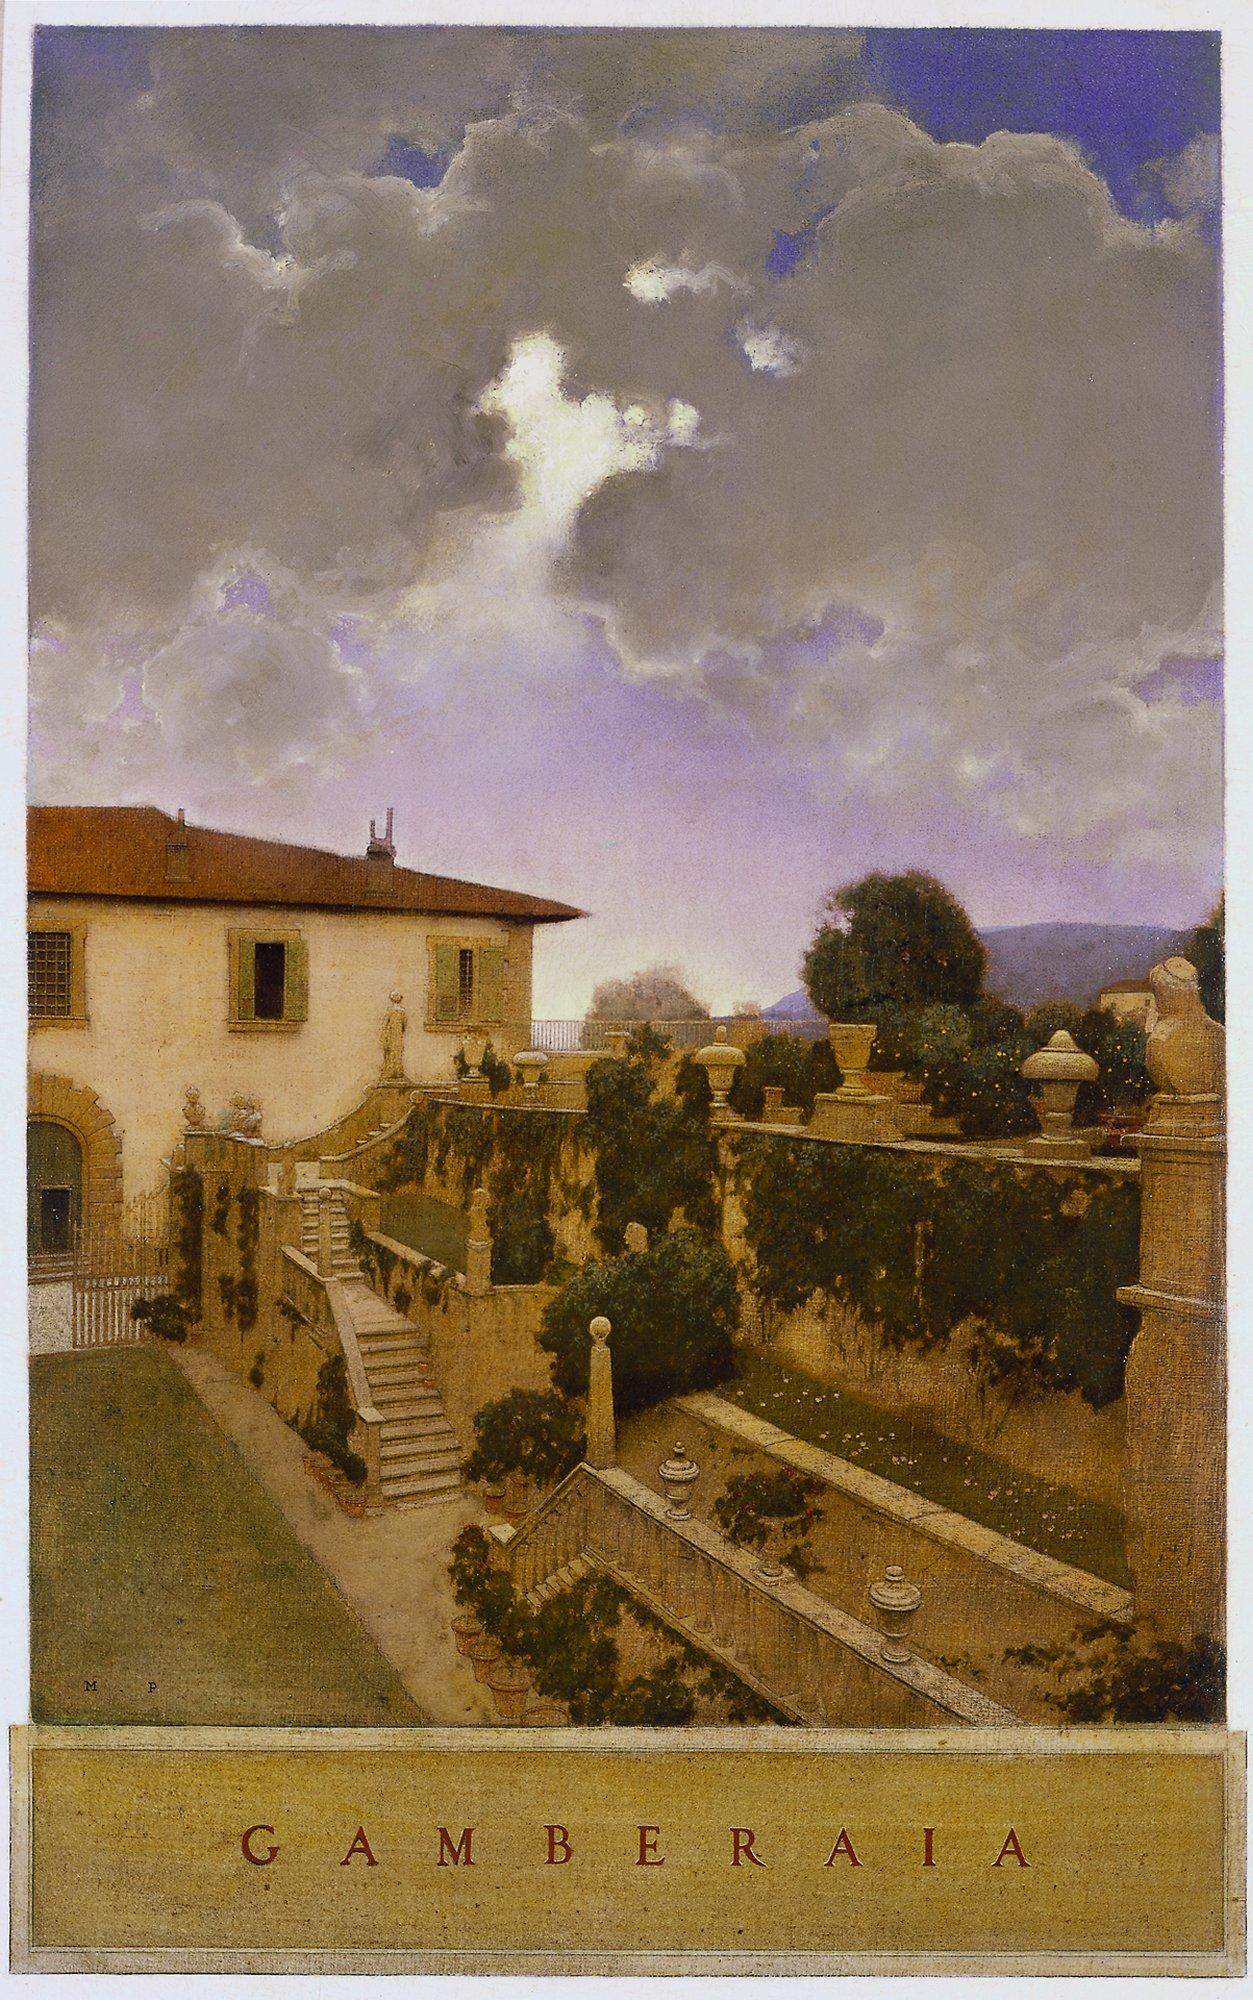 Maxfield Parrish, Villa Gamberaia, Settignano, ca. 1903, The Minneapolis Institute of Arts, Minneapolis, Minnesota, USA.